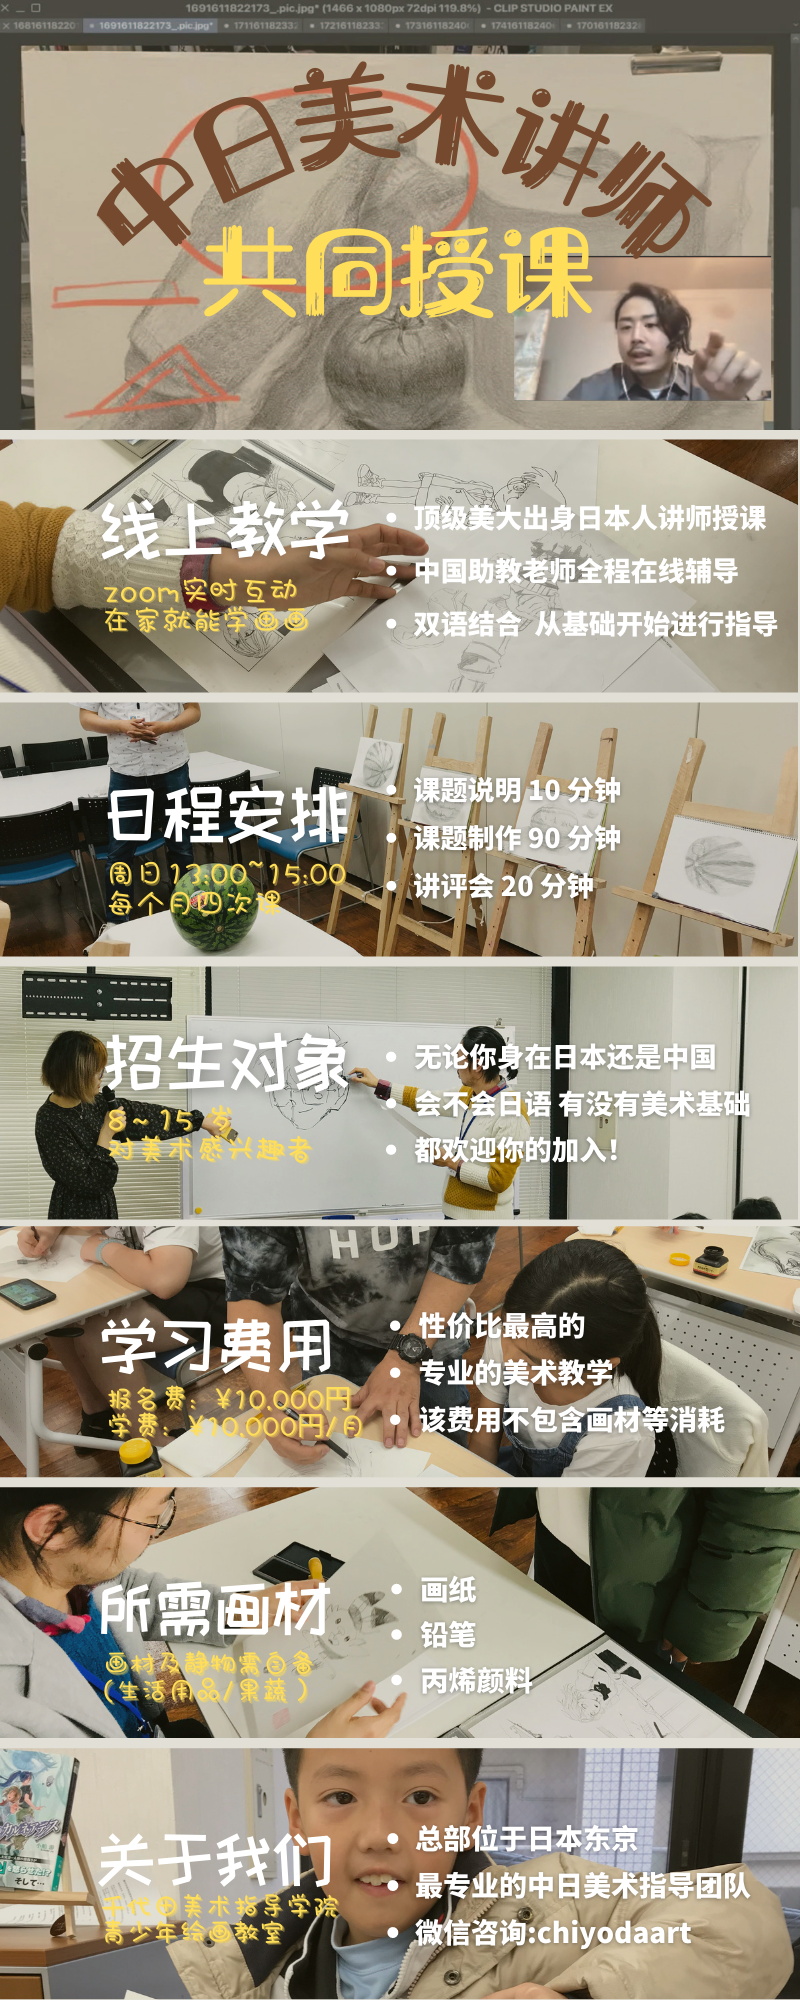 千代田美术丨线上少儿美术教室中期成果汇报